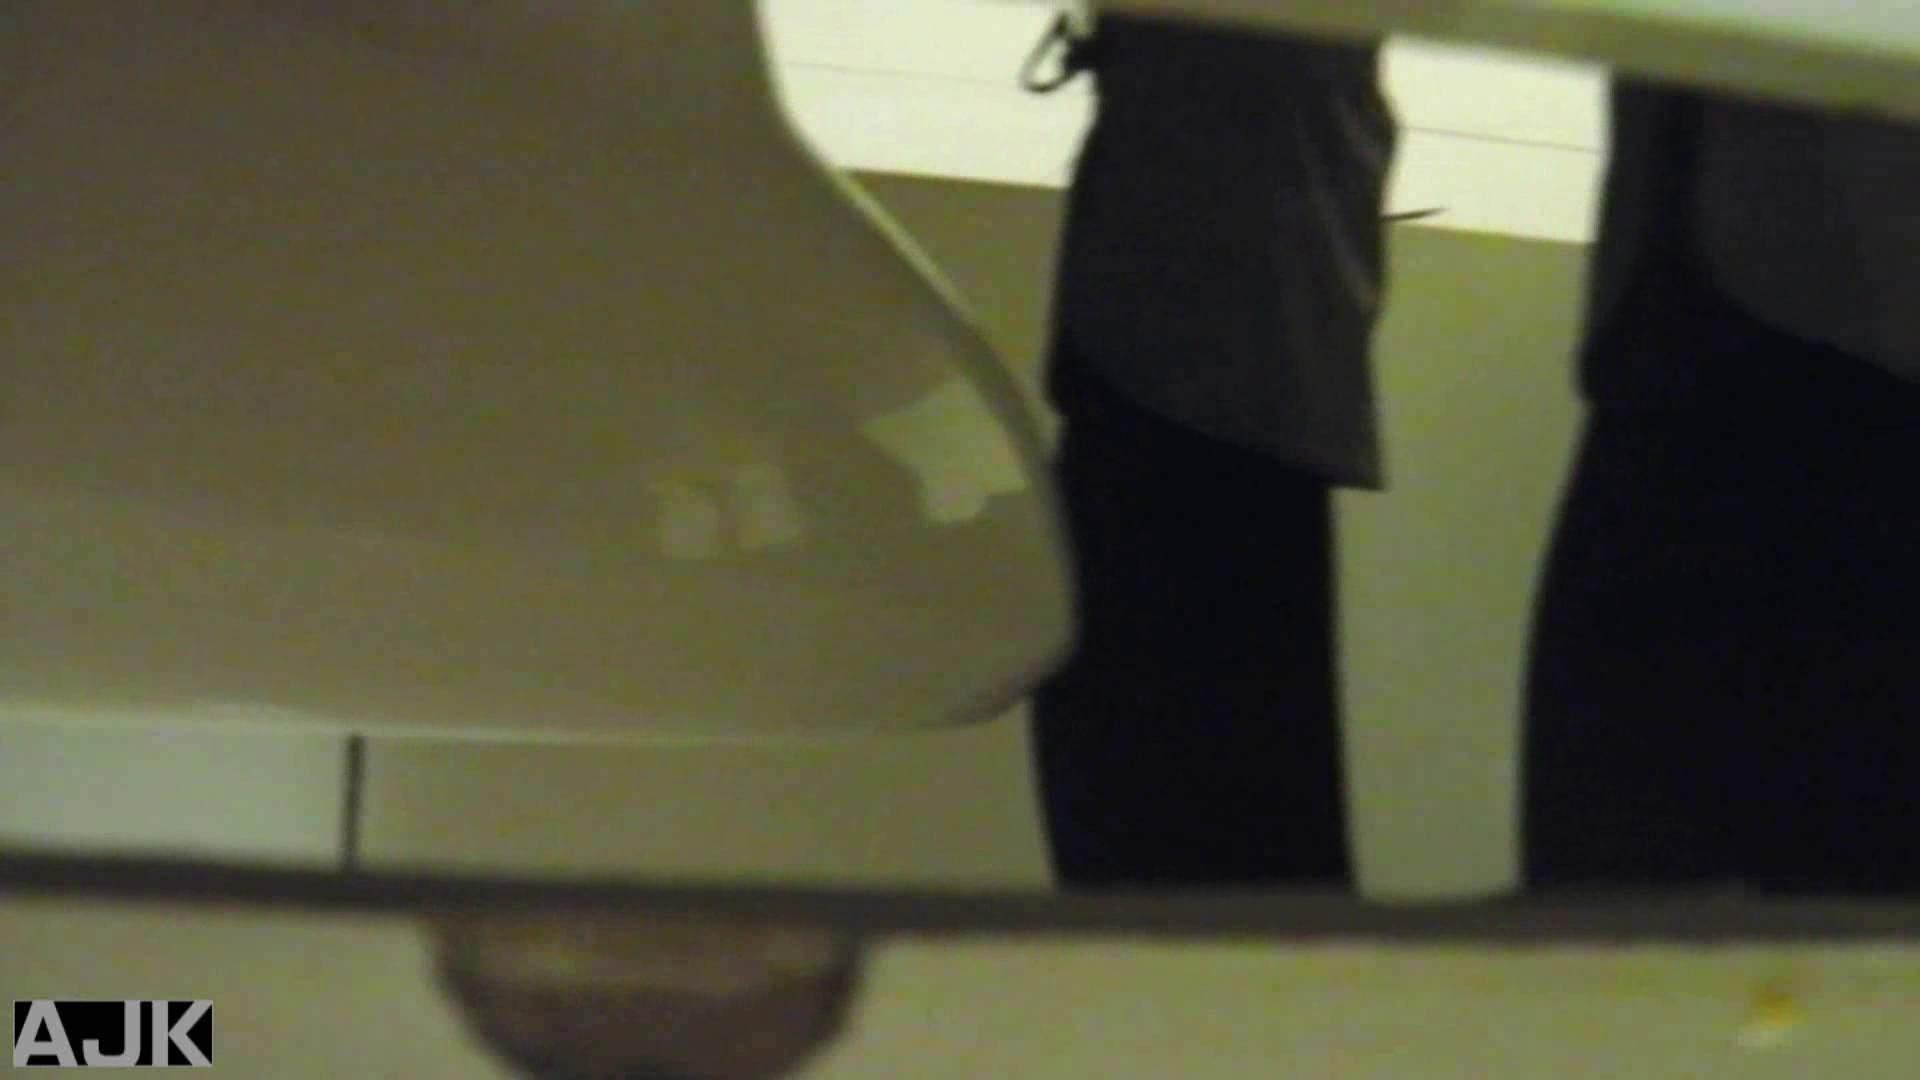 隣国上階級エリアの令嬢たちが集うデパートお手洗い Vol.11 お手洗い  42連発 6